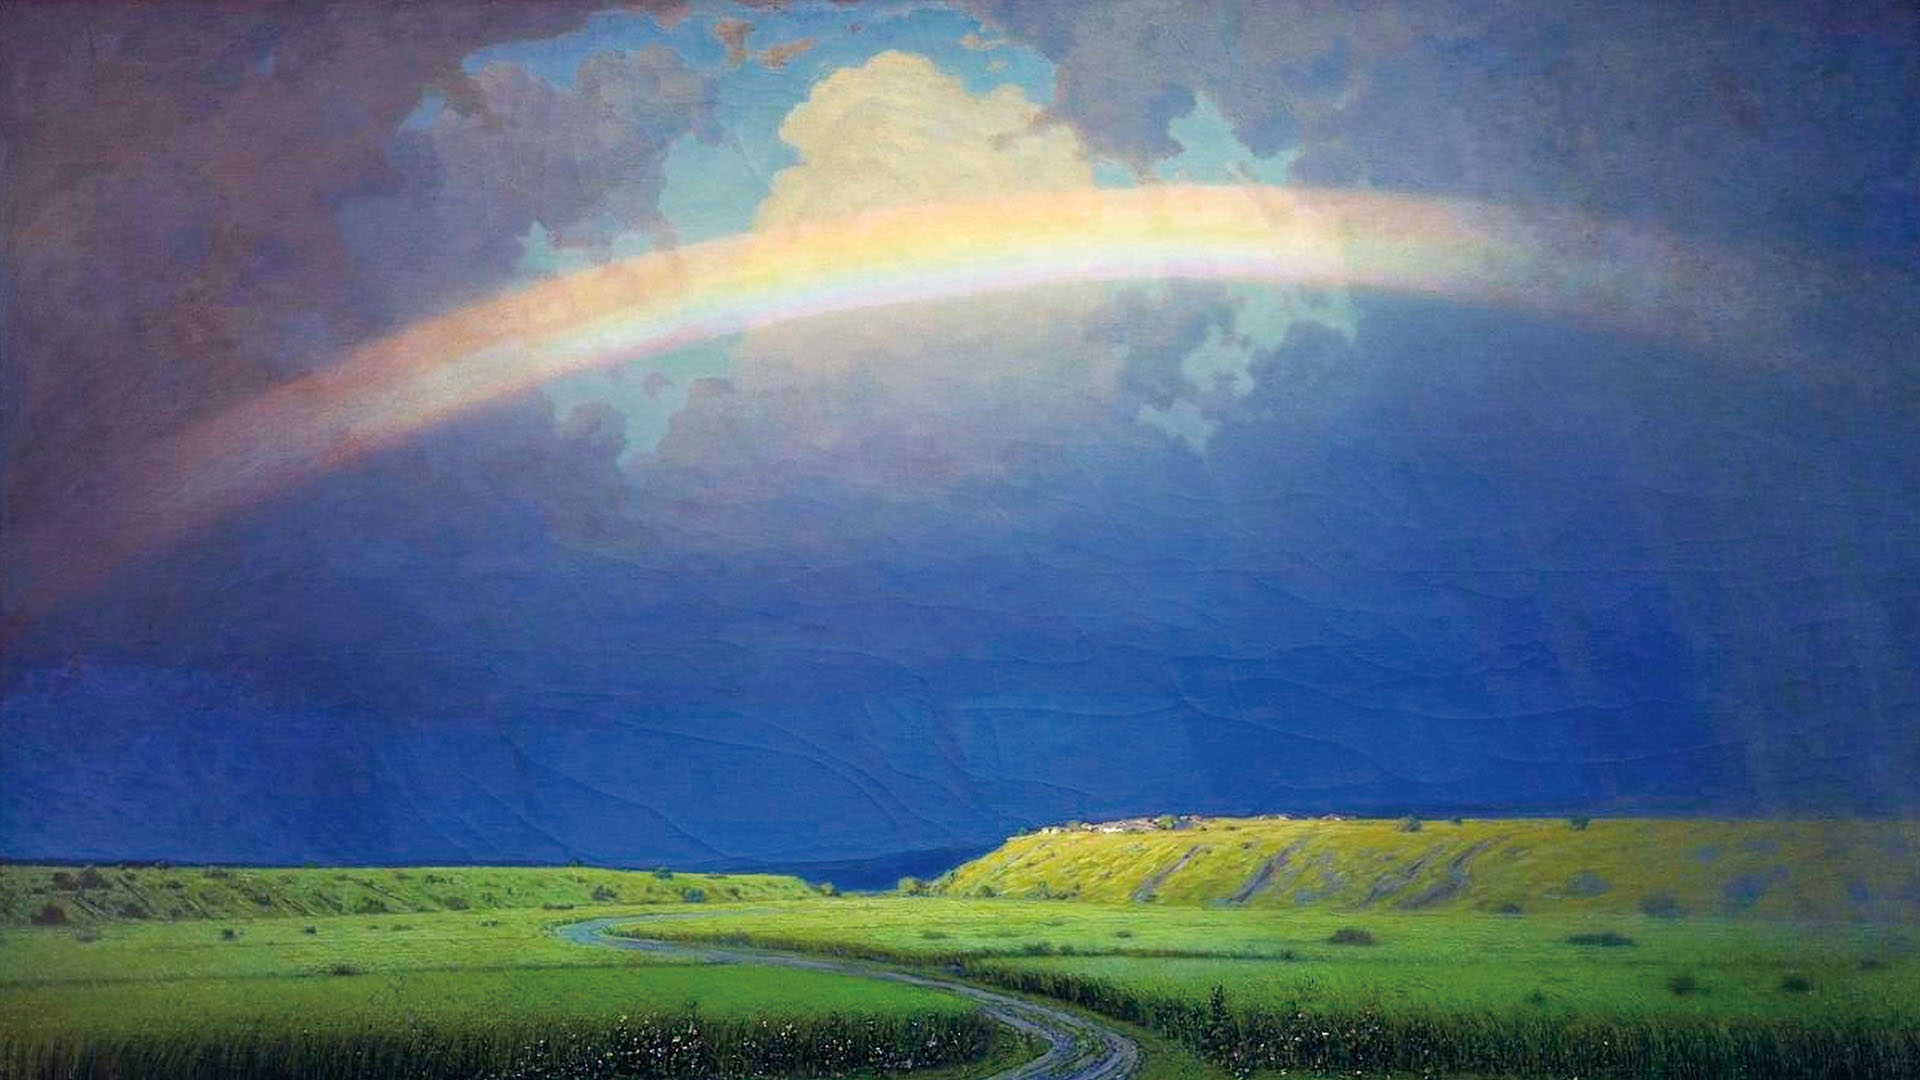 虹 Arkhip Kuindzhi - Rainbow 1920x1080